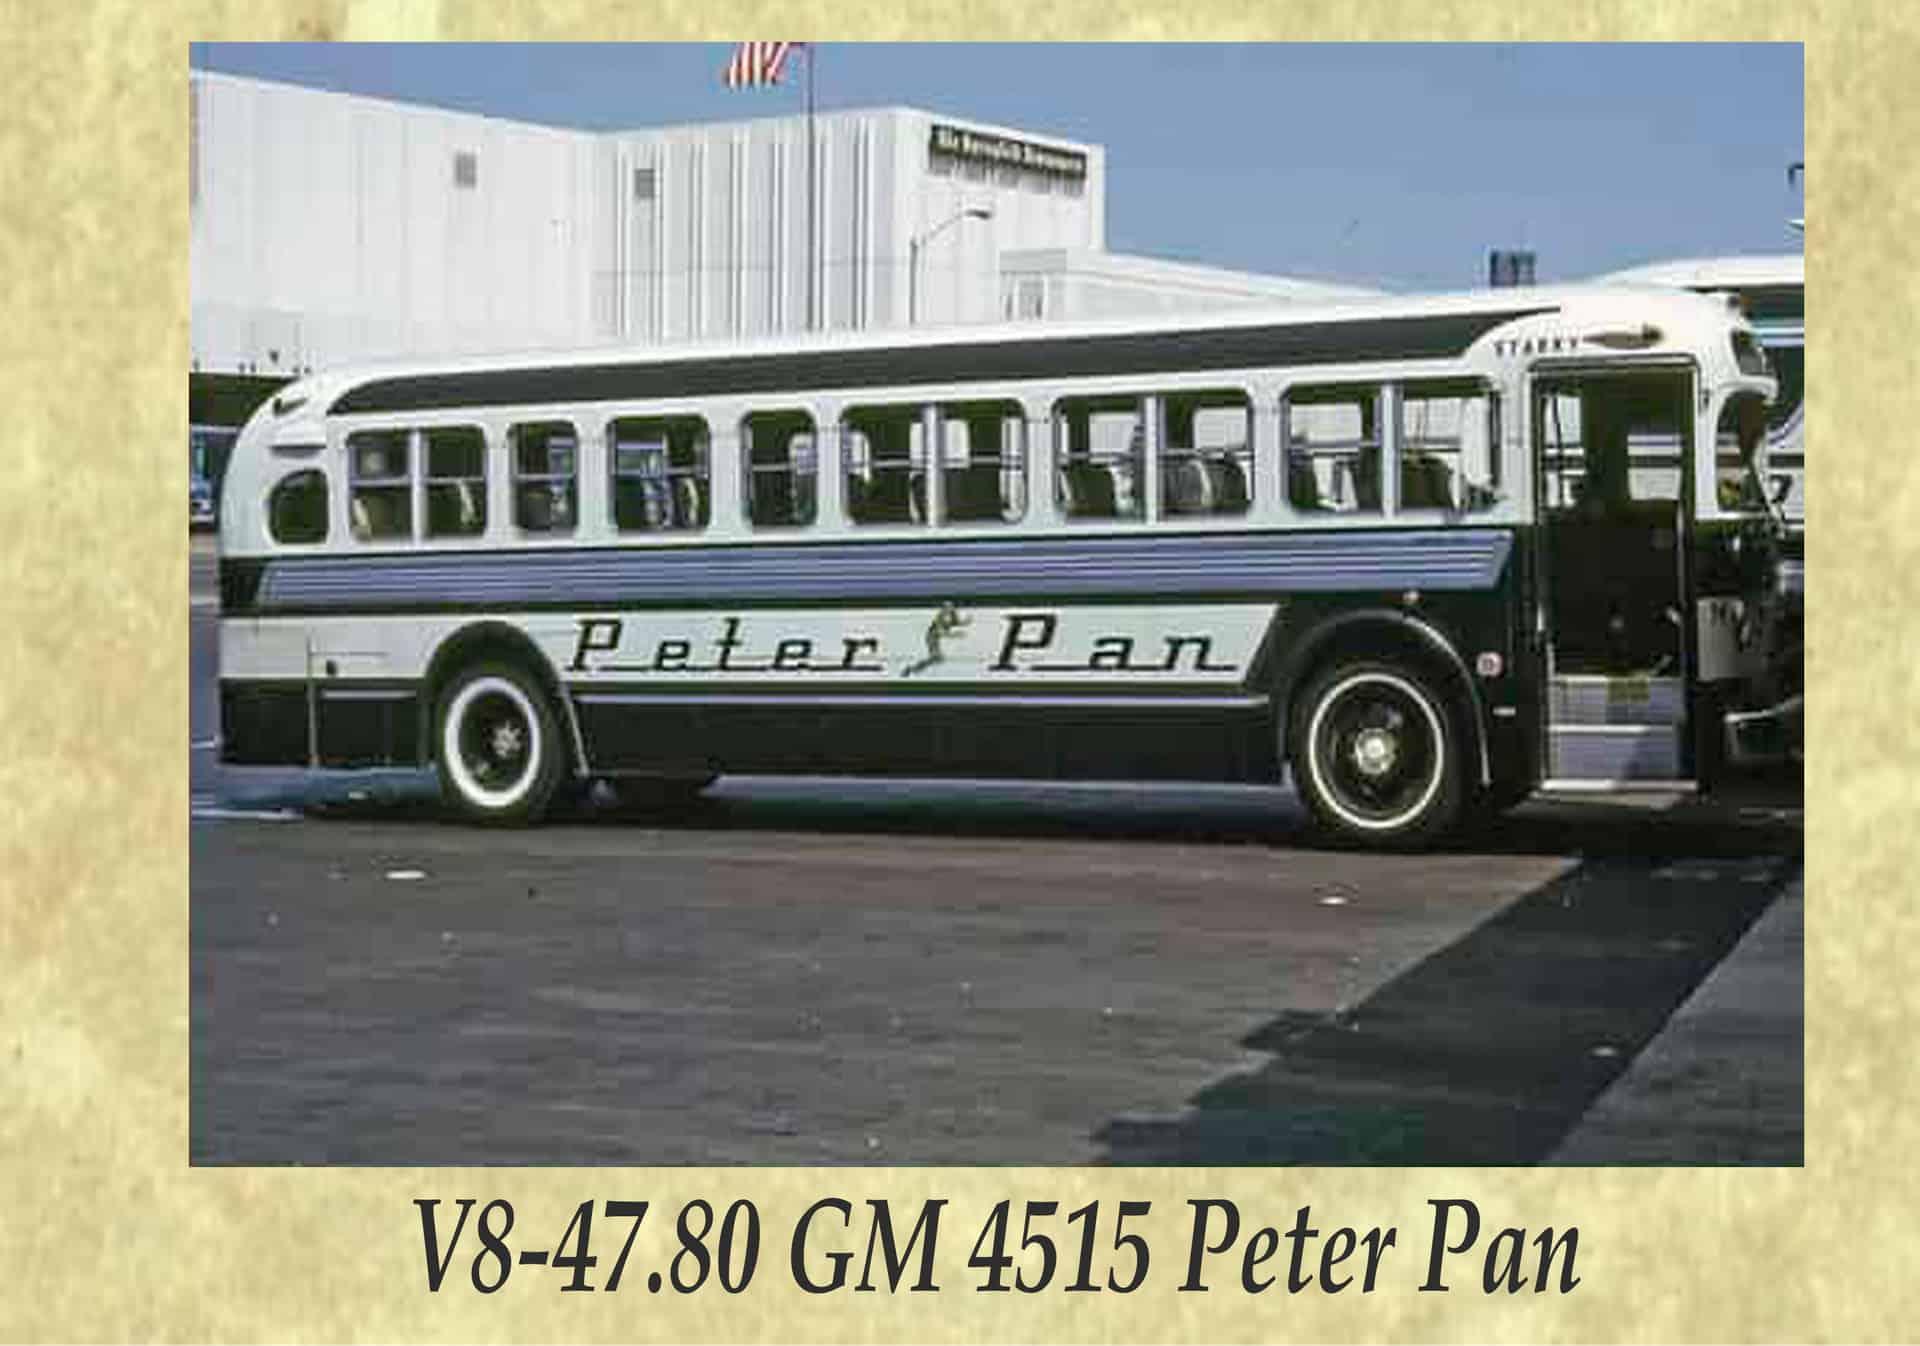 V8-47.80 GM 4515 Peter Pan